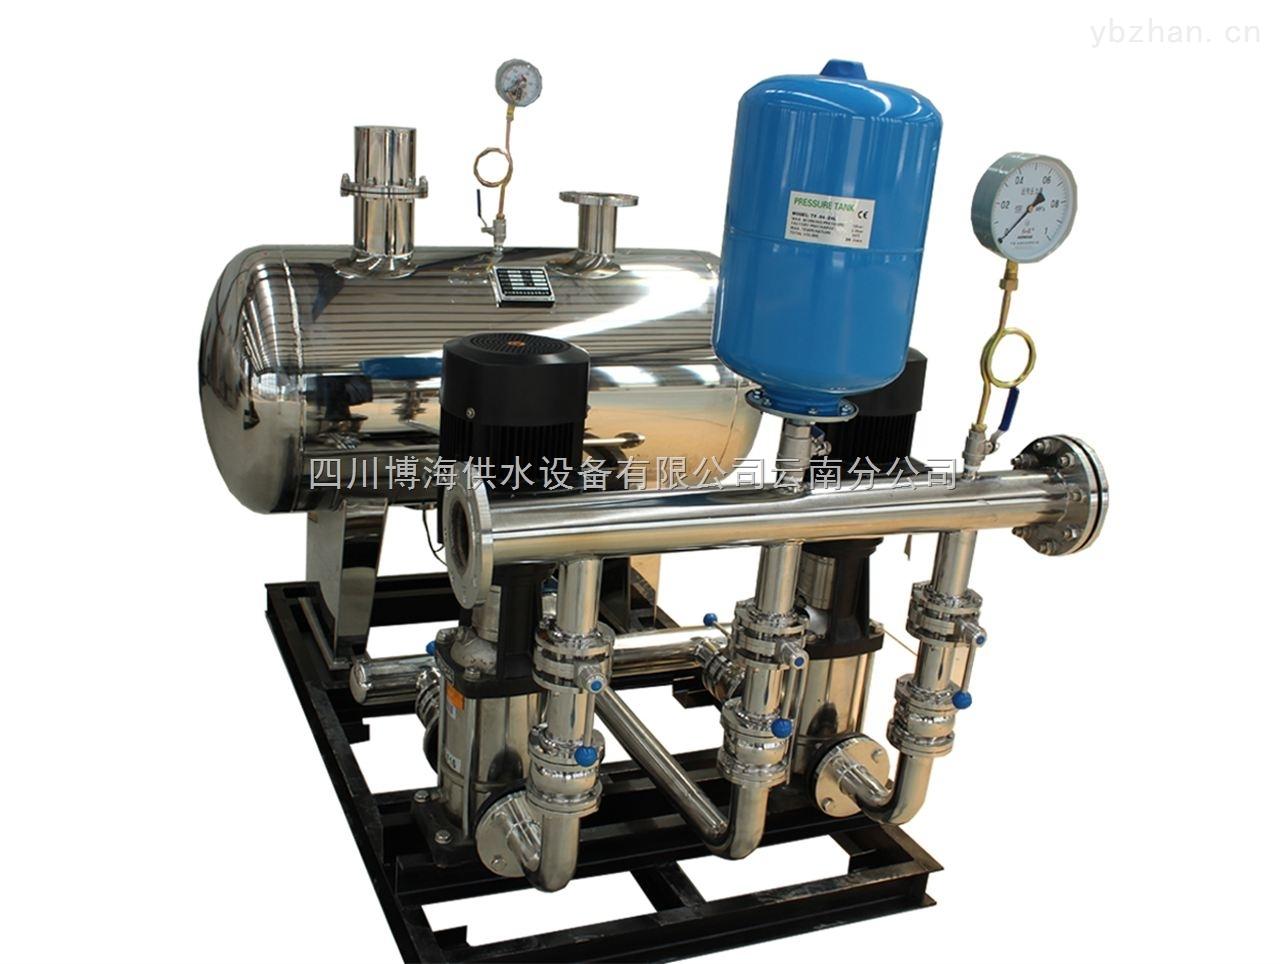 十堰BH(X)WF4-2ps-PS32-2型号无负压供水设备价格